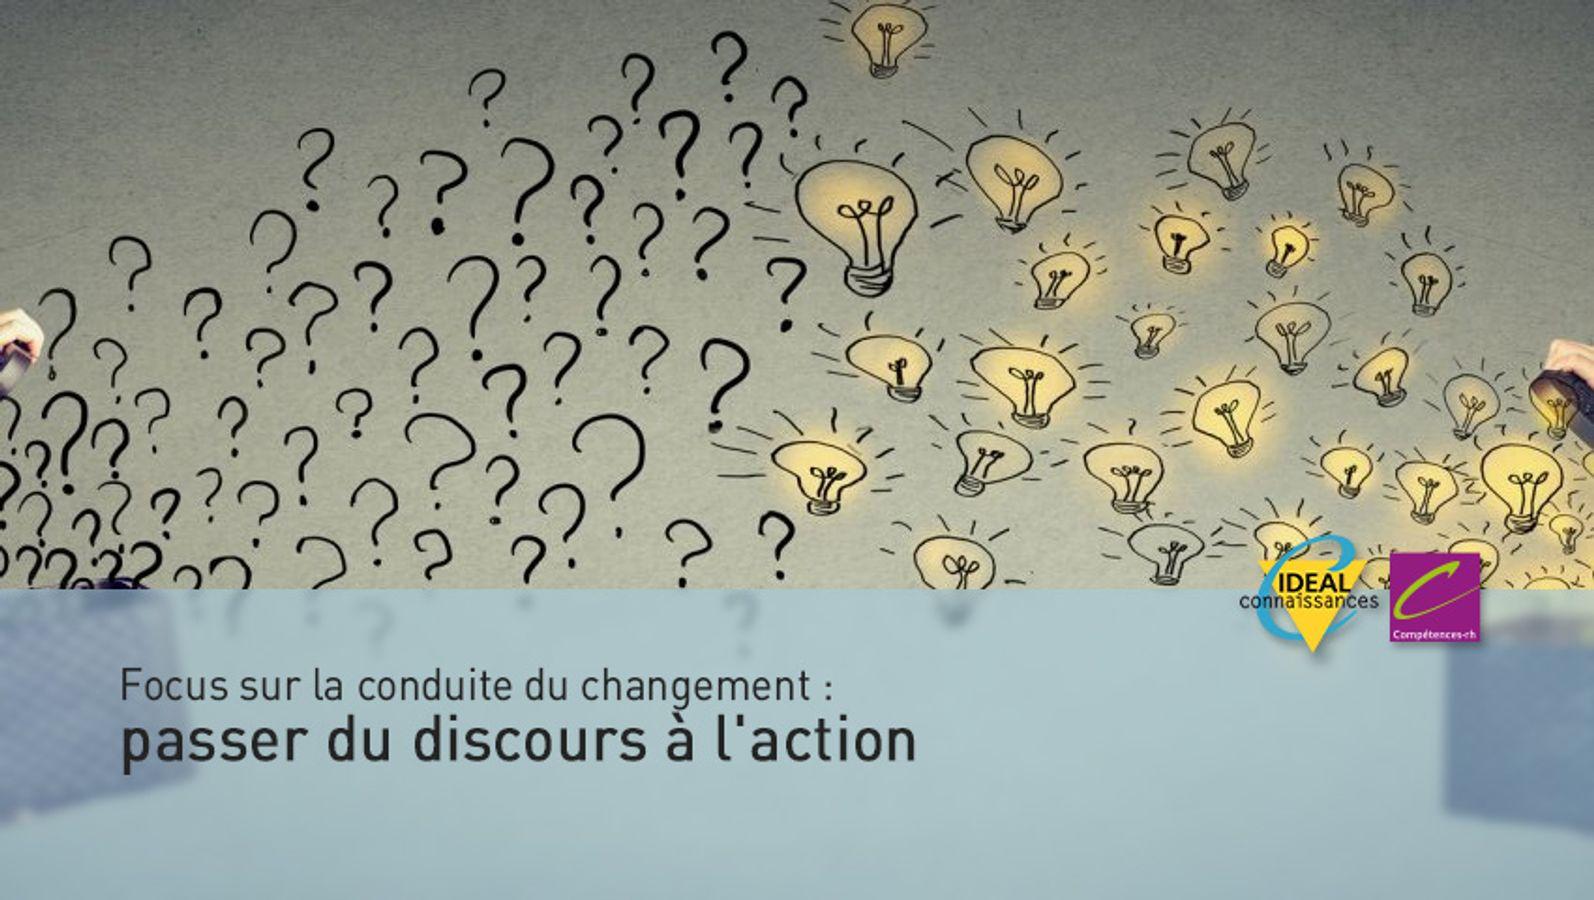 focus sur la conduite du changement passer du discours l 39 action idealco. Black Bedroom Furniture Sets. Home Design Ideas